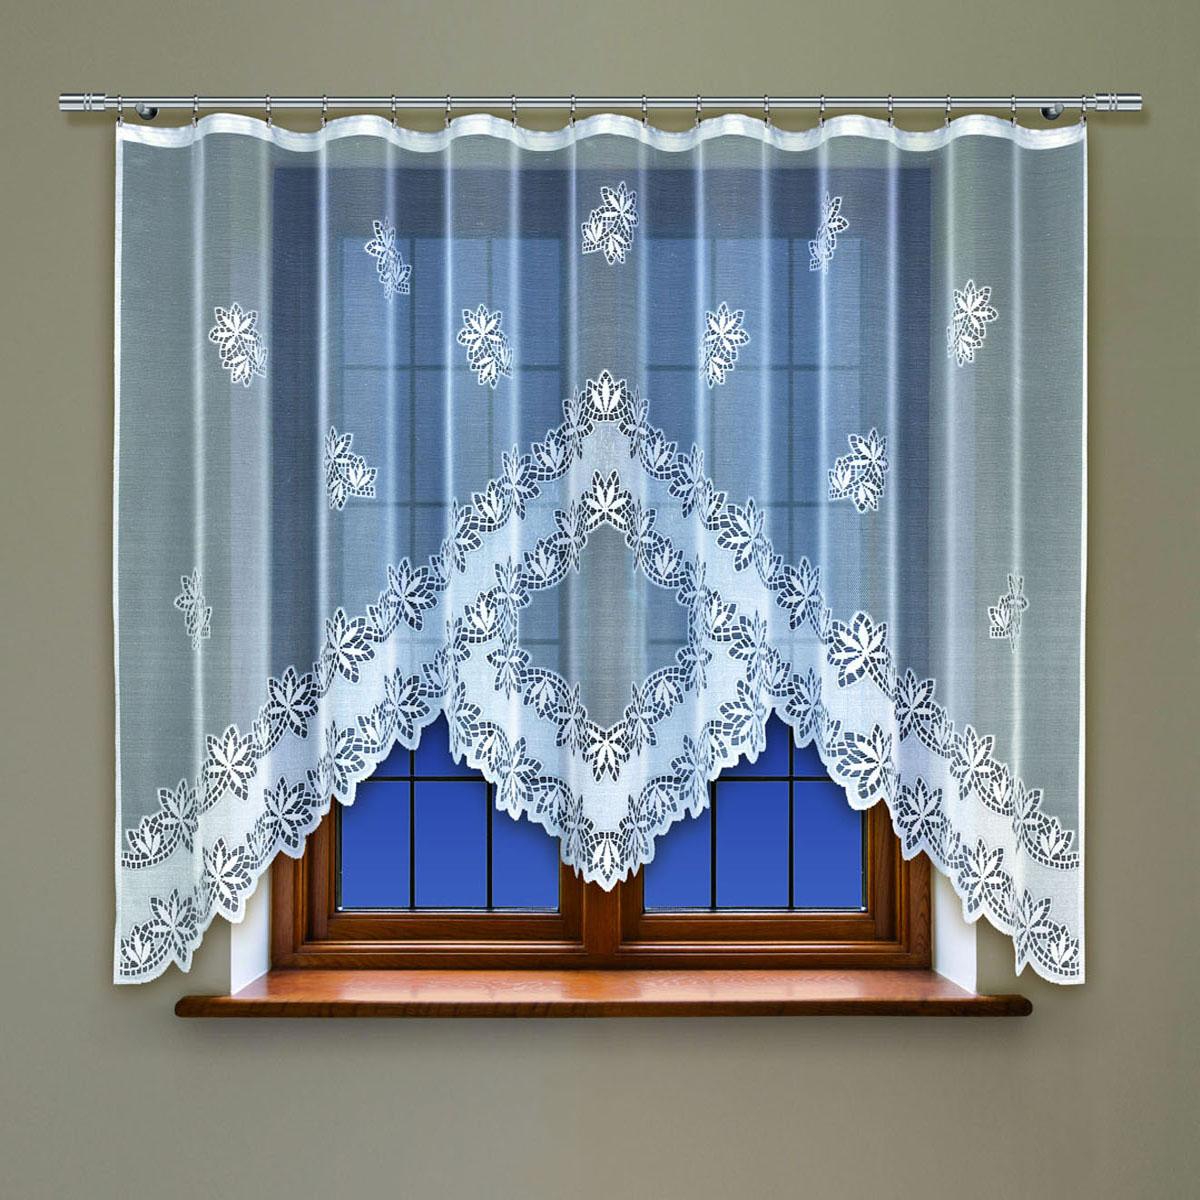 Гардина Haft, цвет: белый, ширина 300 см, высота 160 см. 214360/160214360/160Жаккардовая гардина в кухню белого цветаРазмеры: высота 160см * ширина 300см